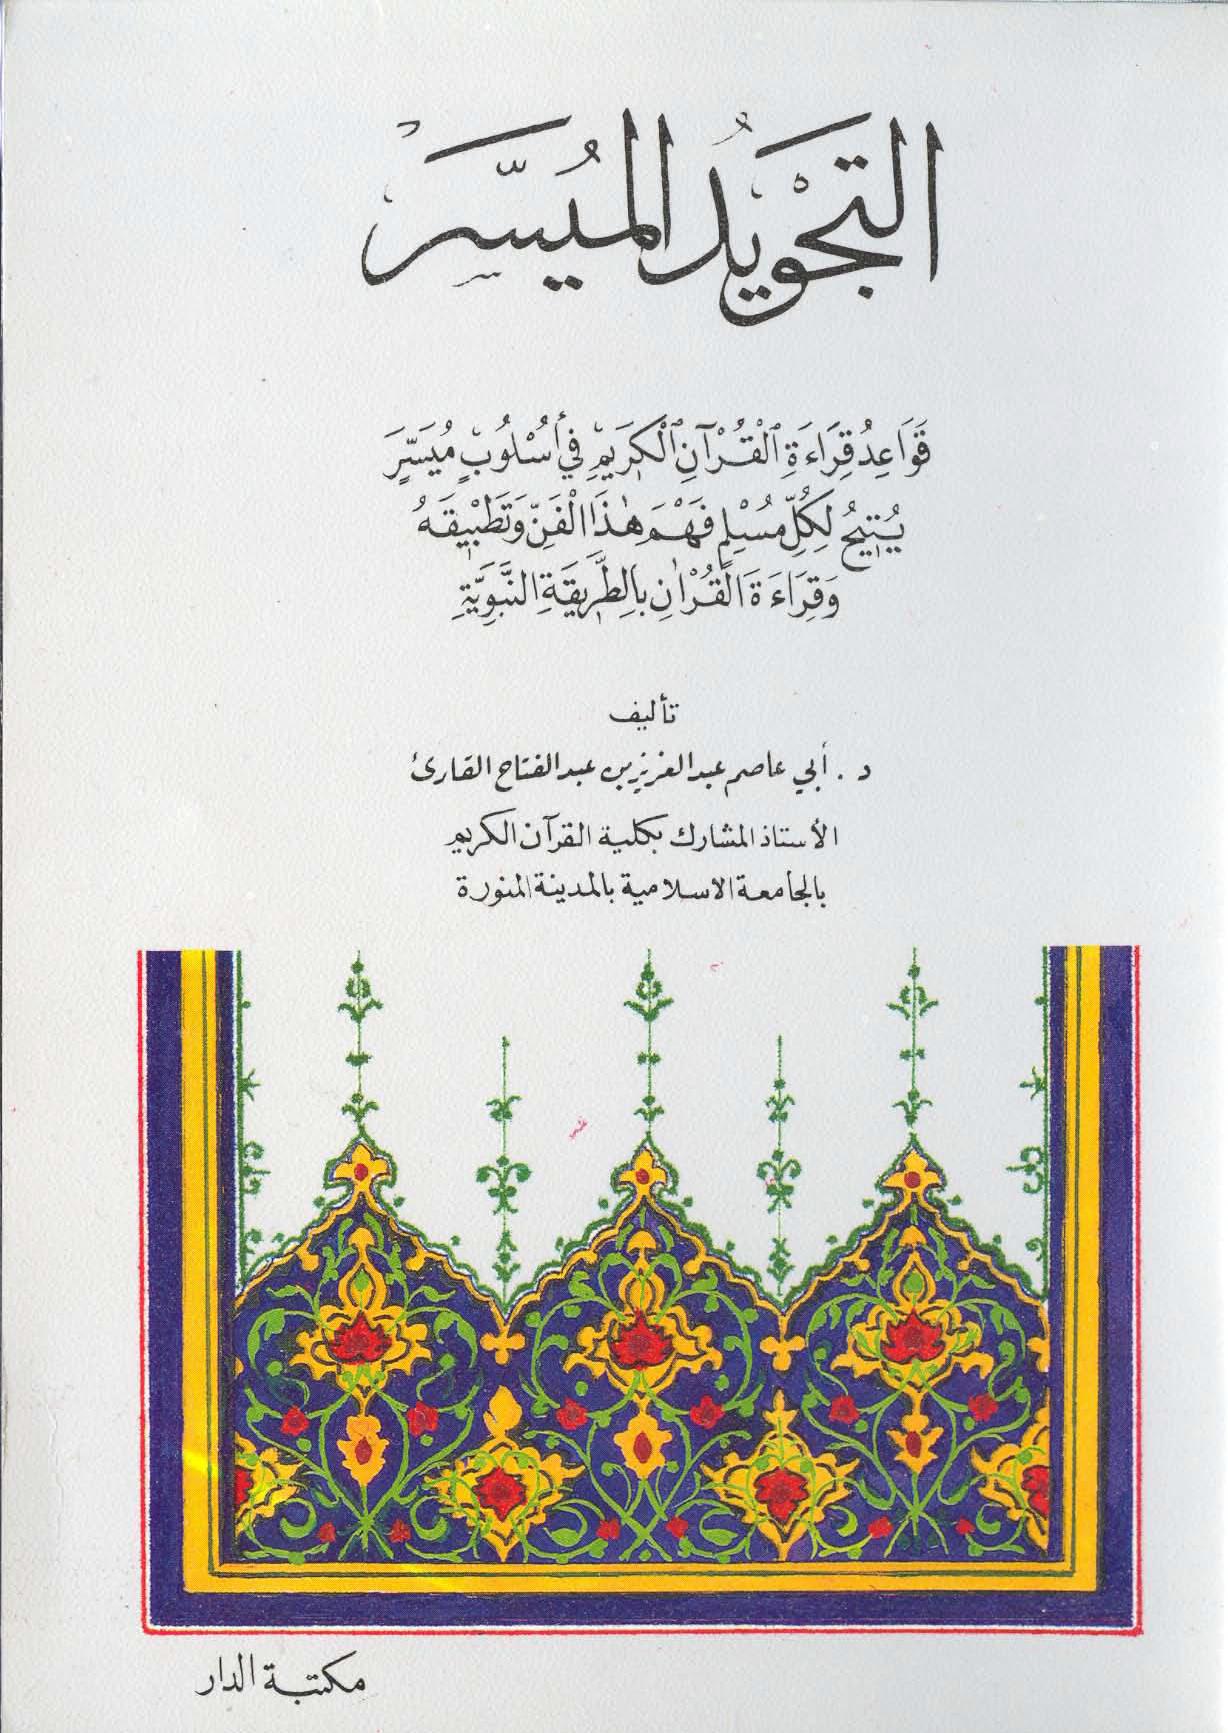 تحميل كتاب التجويد الميسر (عبد العزيز القارئ) لـِ: الشيخ أبو مجاهد عبد العزيز بن عبد الفتاح القارئ المدني